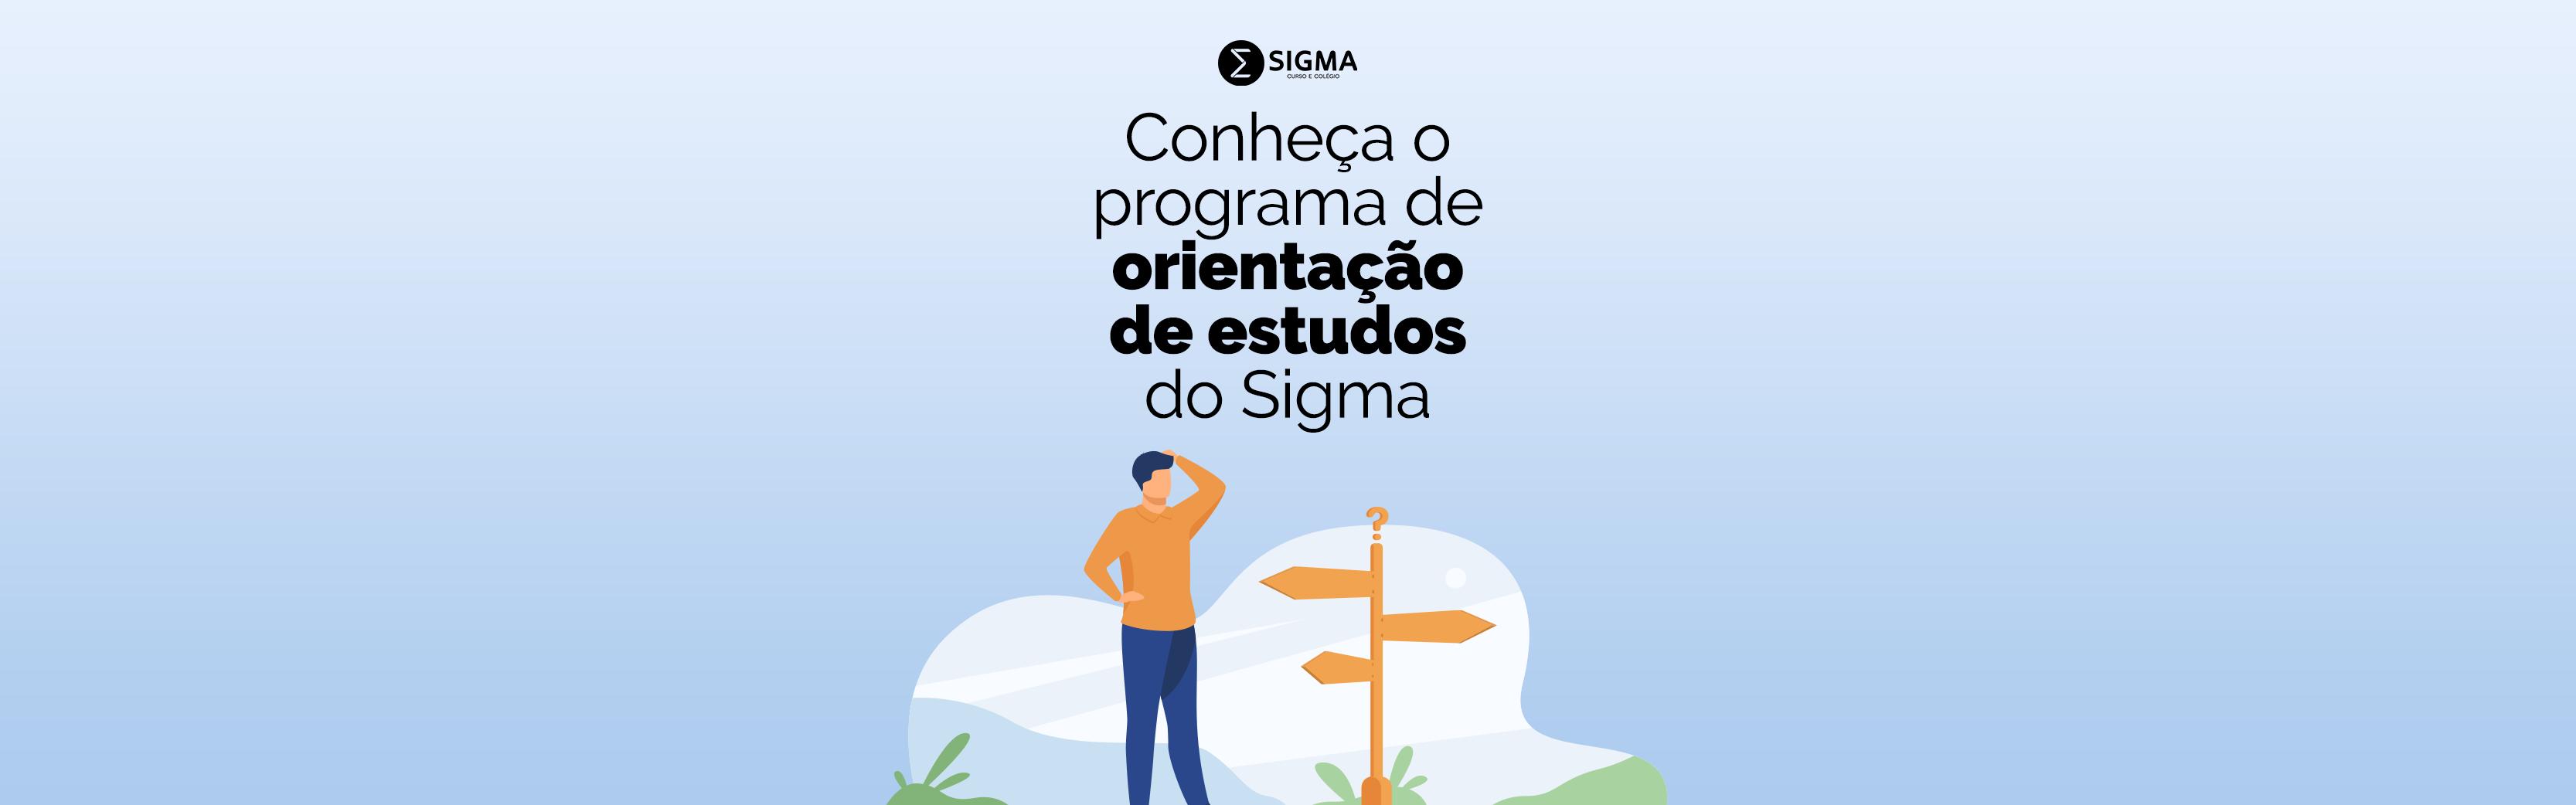 Conheça o programa de orientação de estudos do Sigma